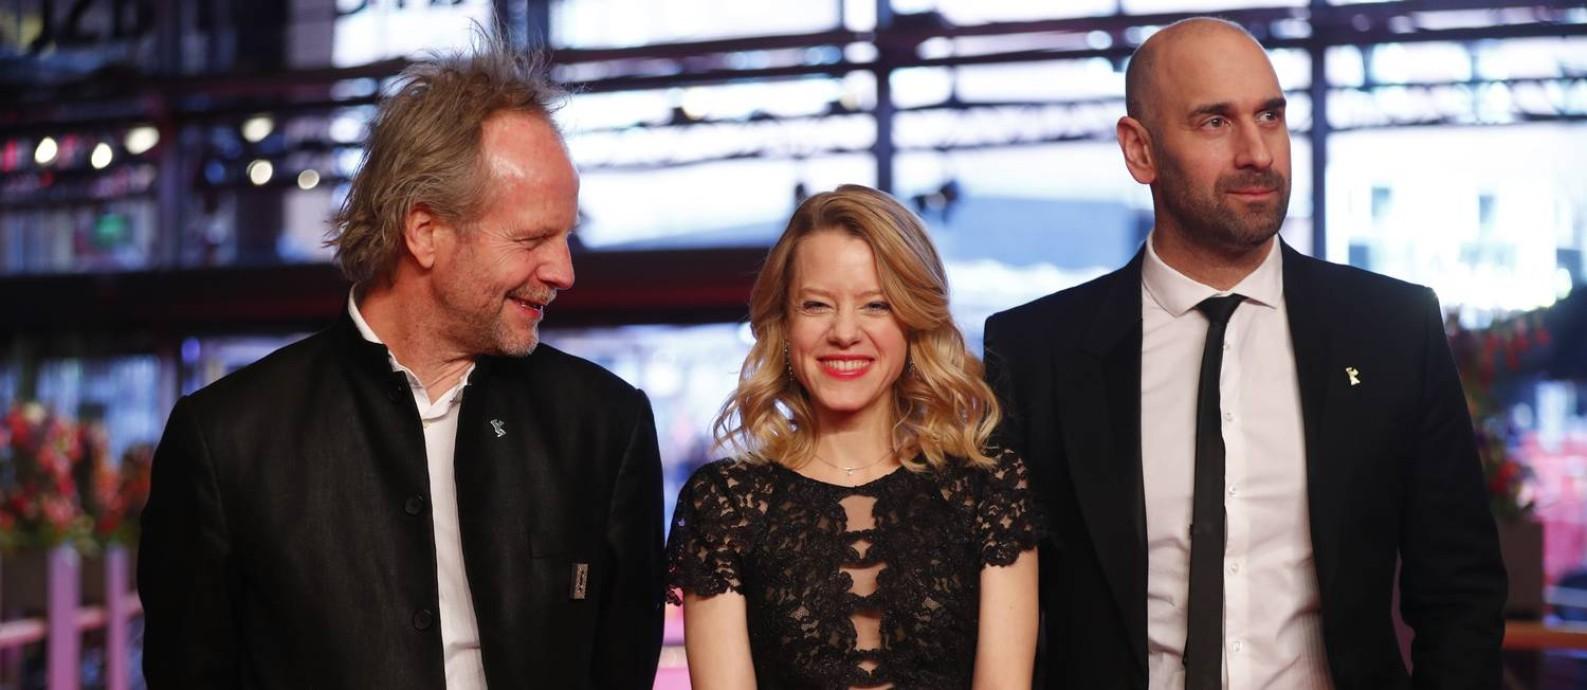 O diretor e roteirista Philip Gröning com os atores Julia Zange e Urs Jucker na sessão de 'My Brother's Name is Robert And He is an Idiot' no Festival de Berlim Foto: HANNIBAL HANSCHKE / REUTERS